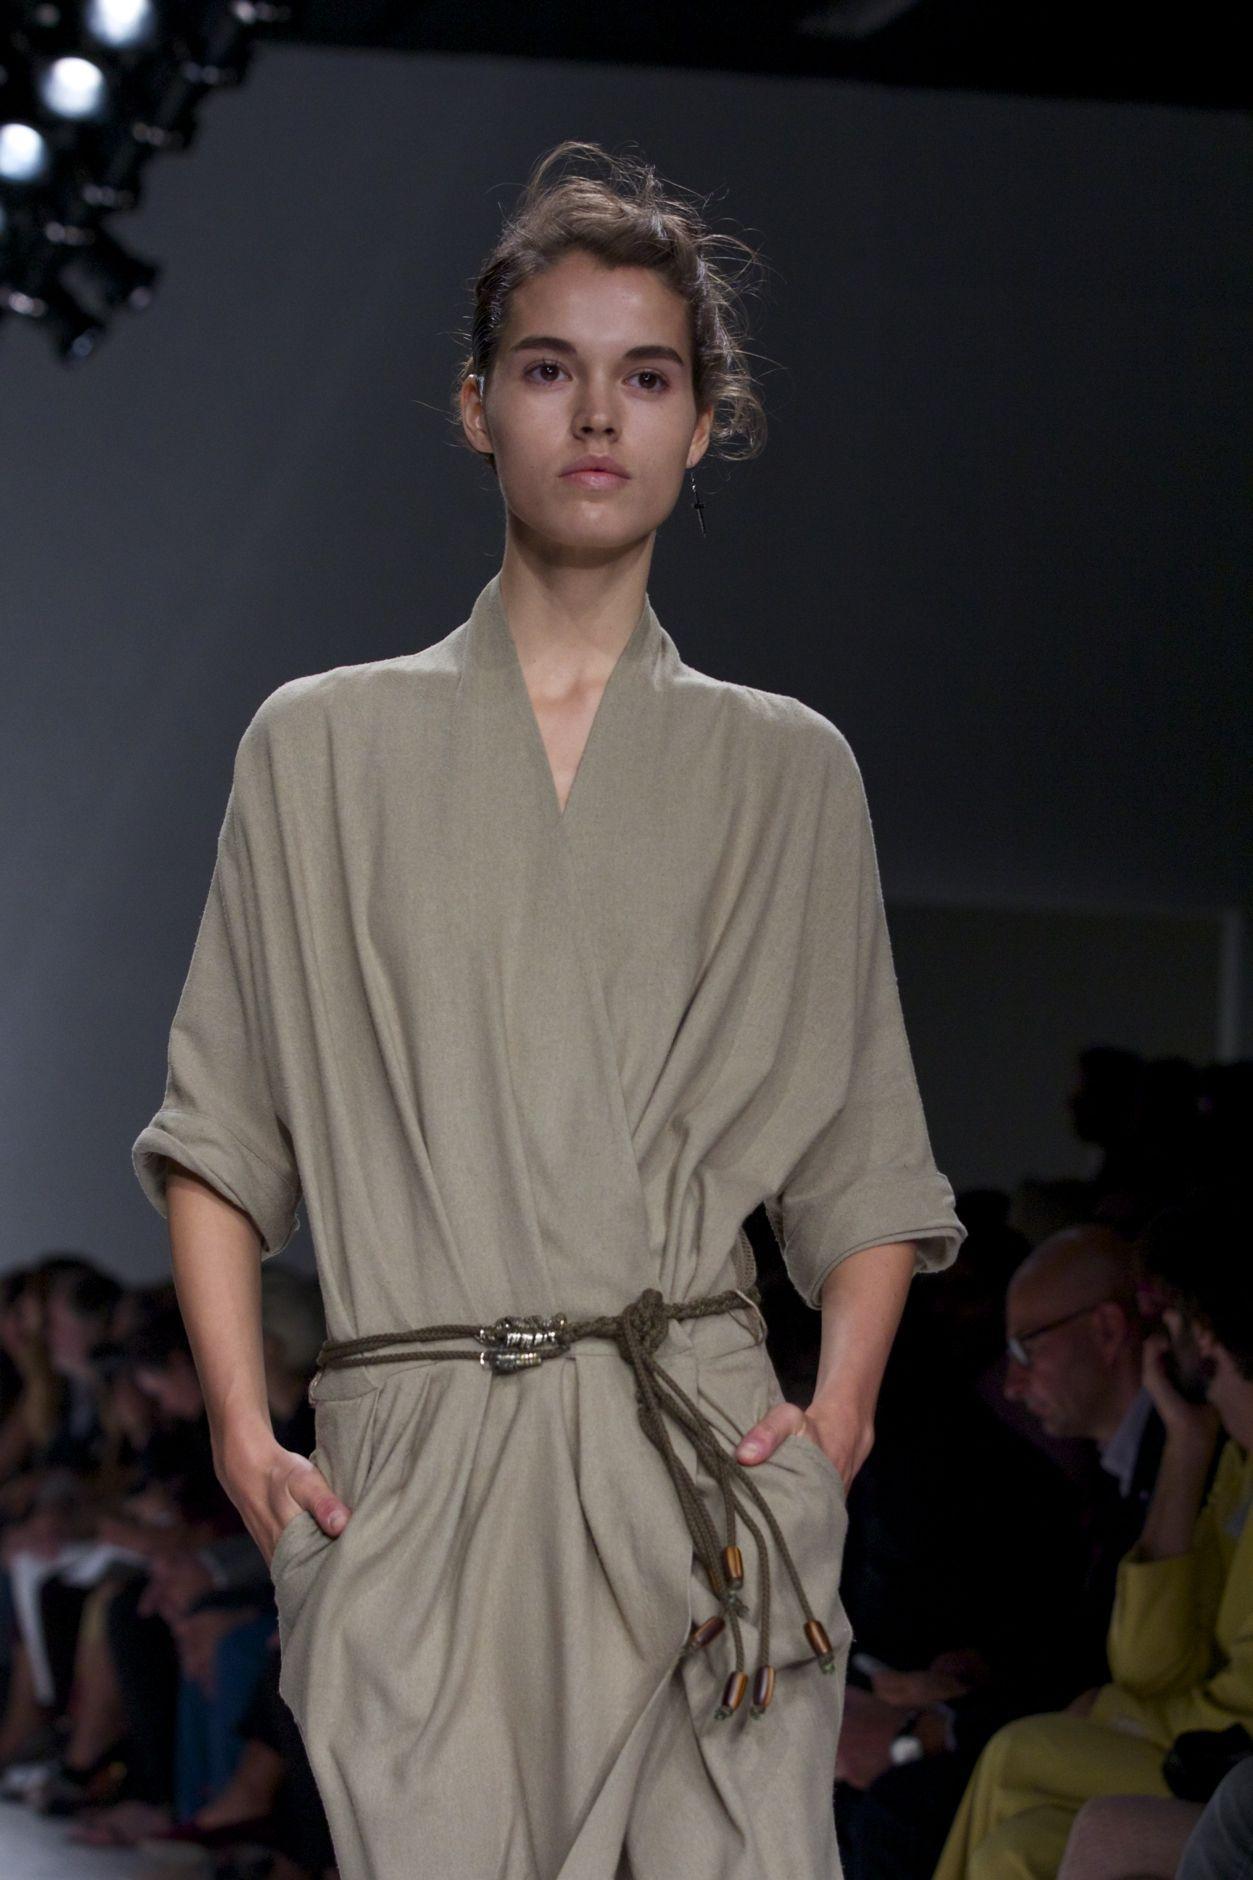 Jo No Fui Spring 2013 Collection Milan Fashion Week